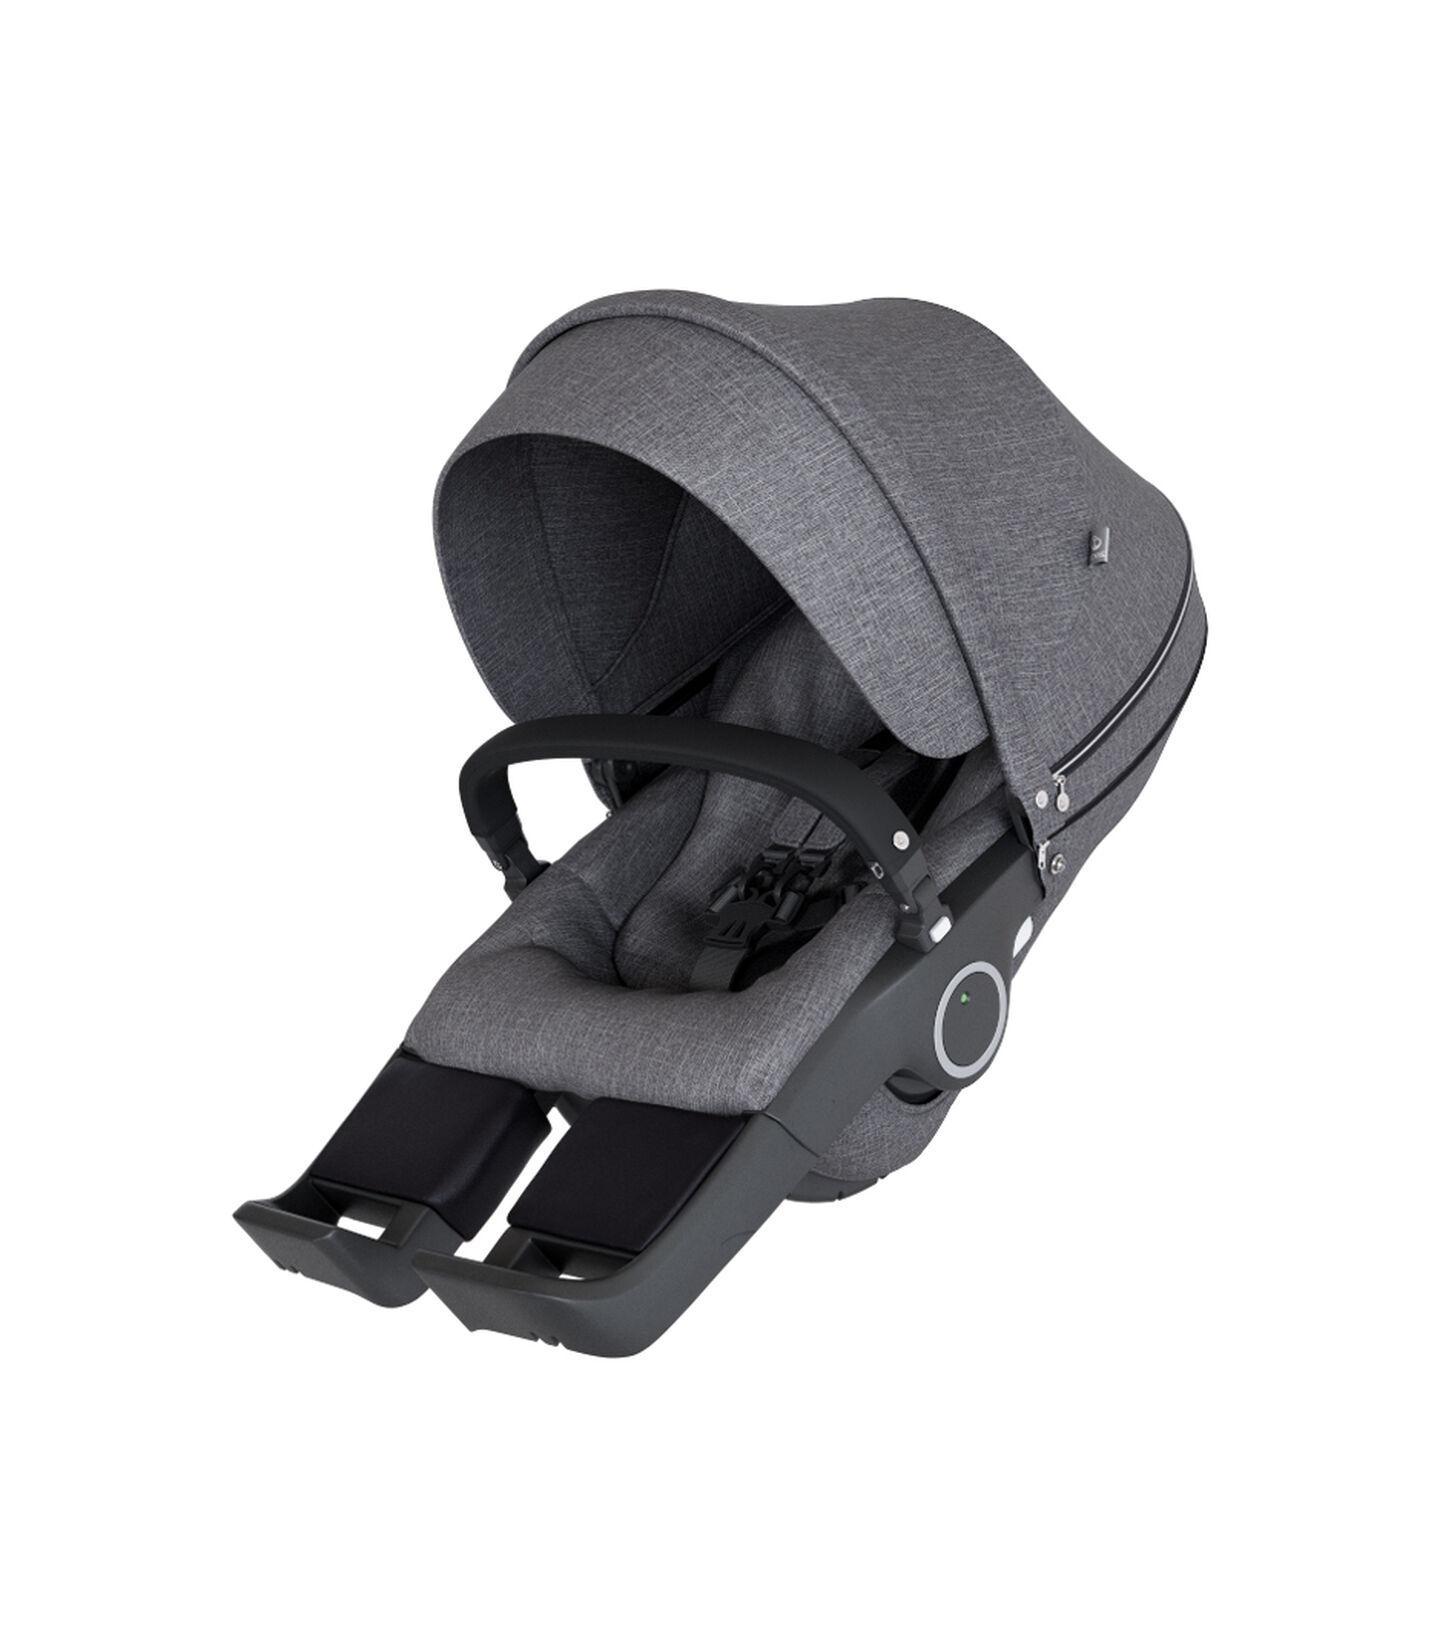 Stokke® Stroller Seat Black Melange, Black Melange, mainview